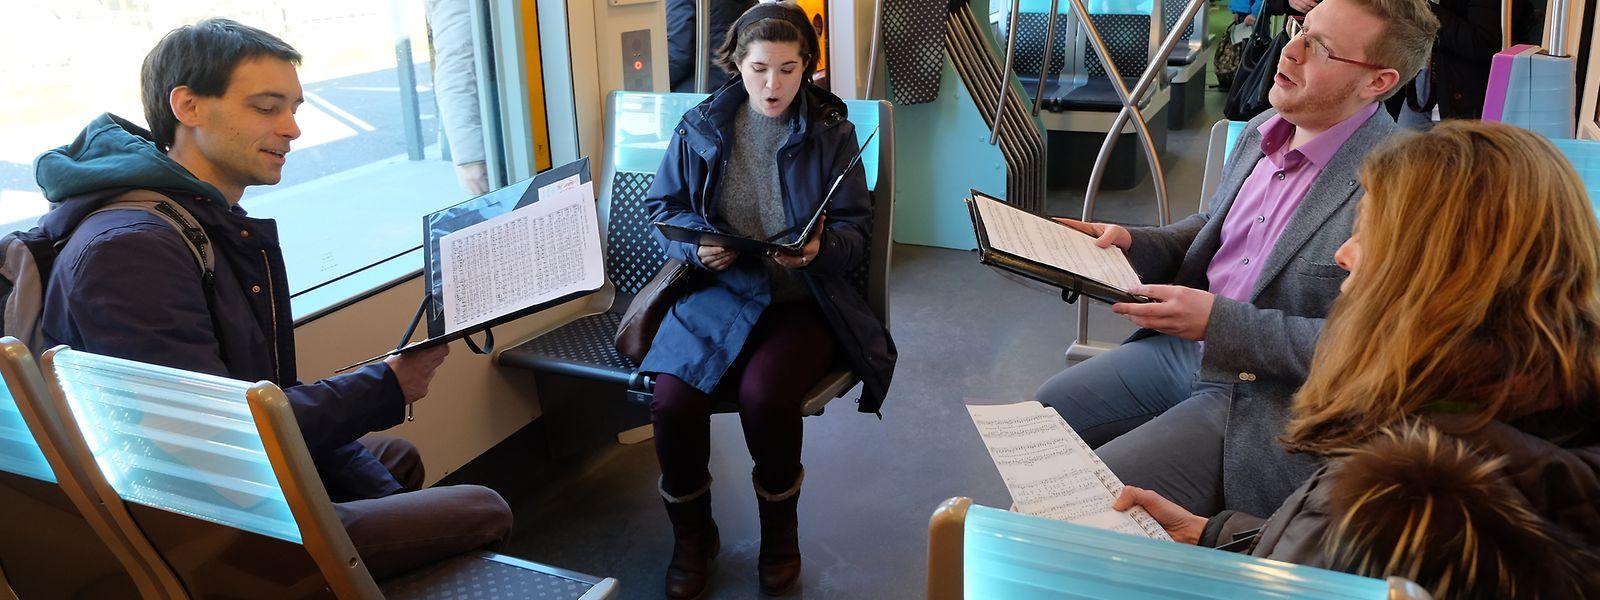 Faute de métro, au Luxembourg on chante dans le tram pour promouvoir les «Bach in the Subways».